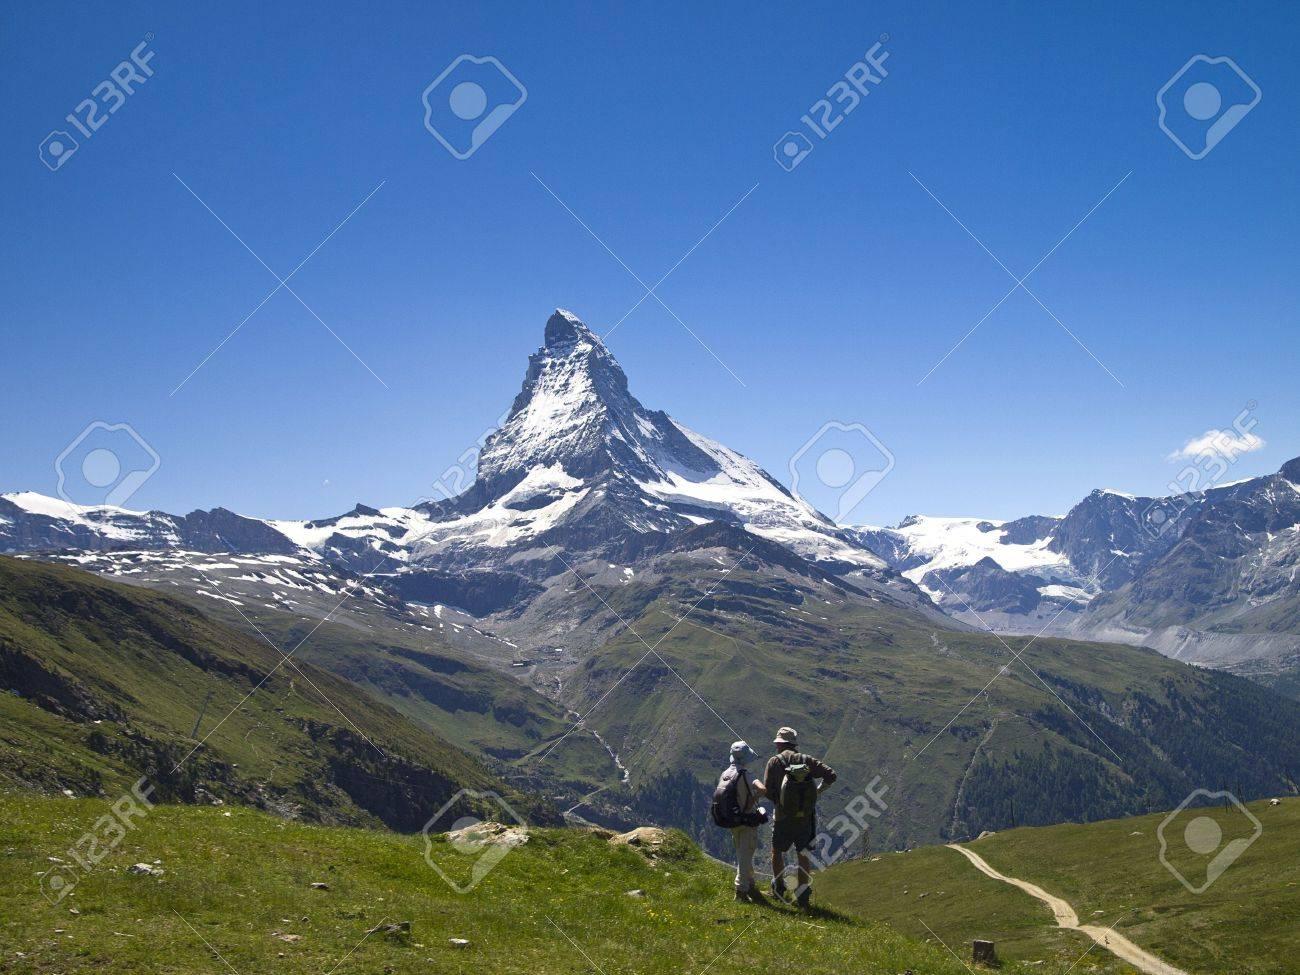 2 hiker on the hiking trail around mt matterhorn switzerland